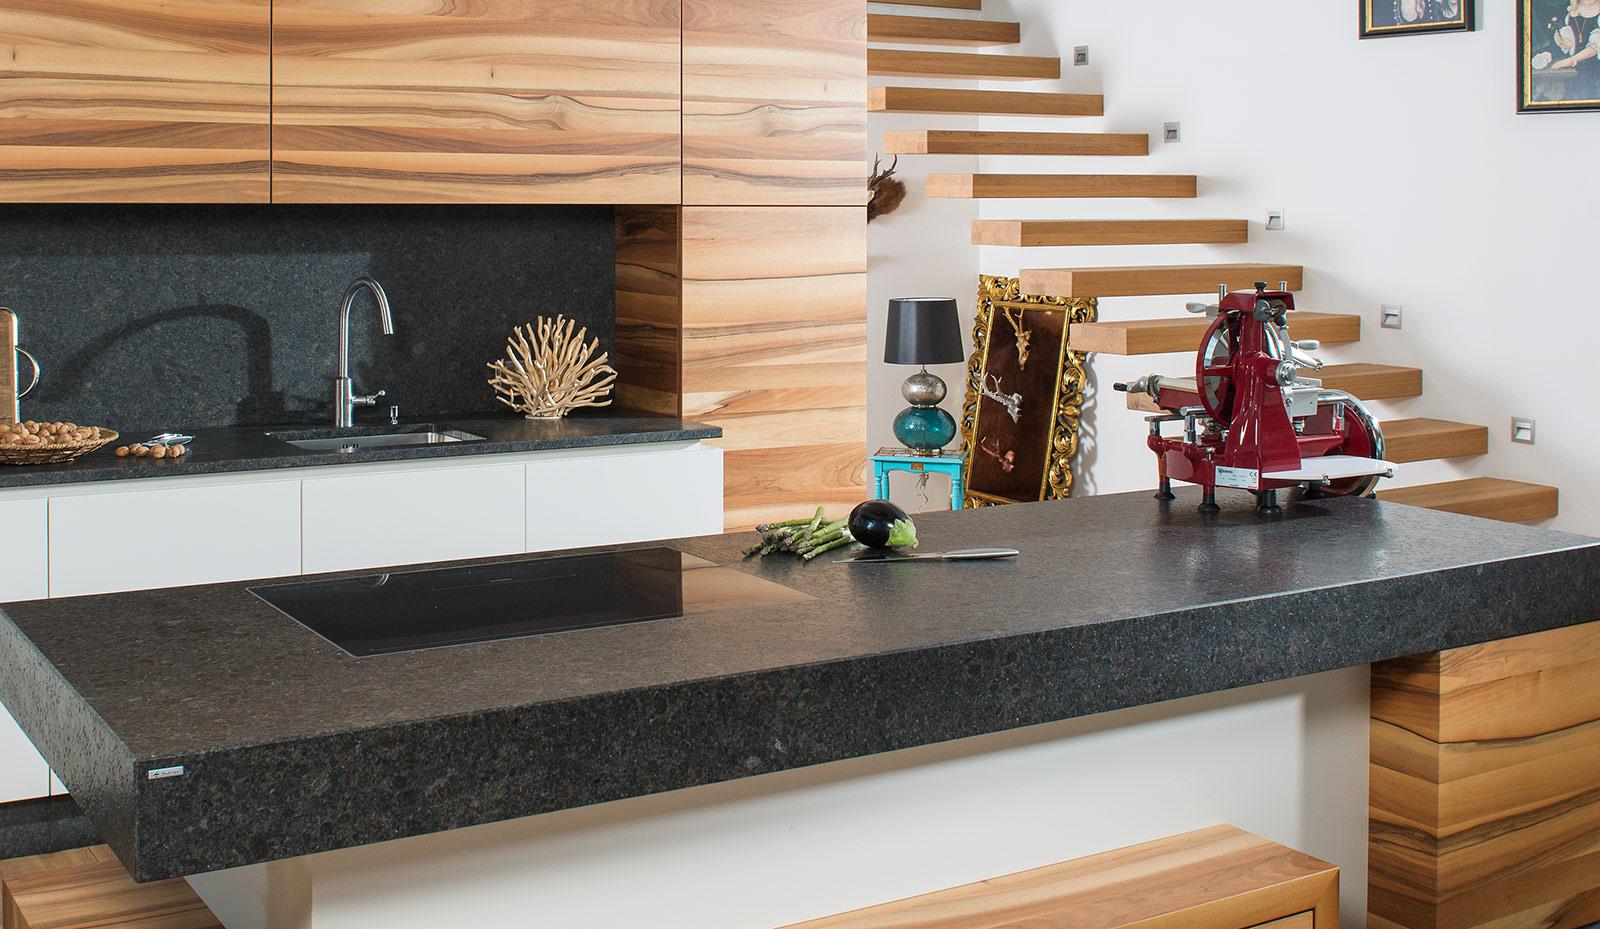 Offene Wohnküche mit Holzakzenten und Küchenarbeitsplatte aus Naturstein.